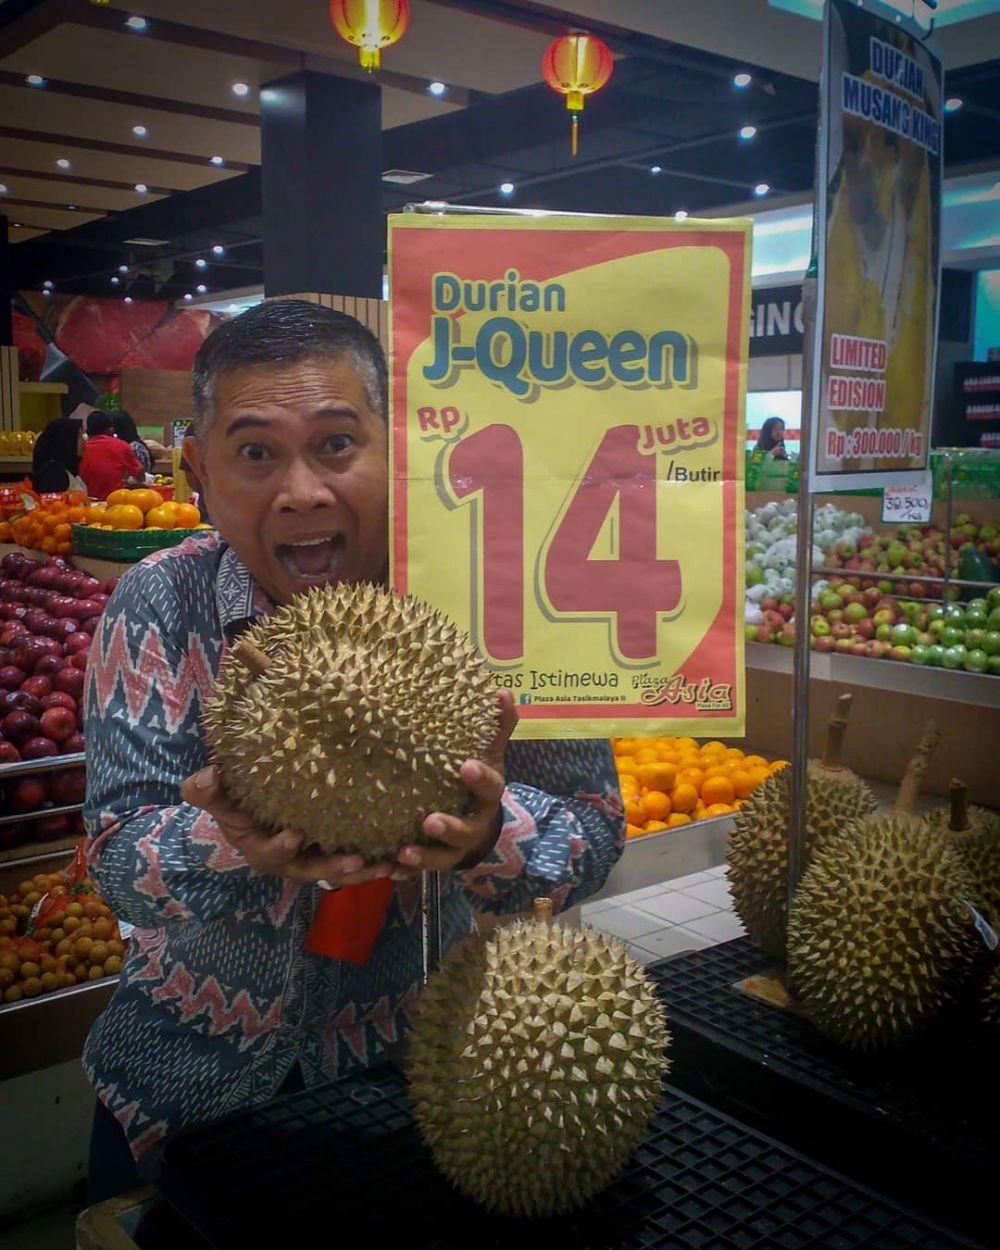 durian 14 juta © 2019 brilio.net